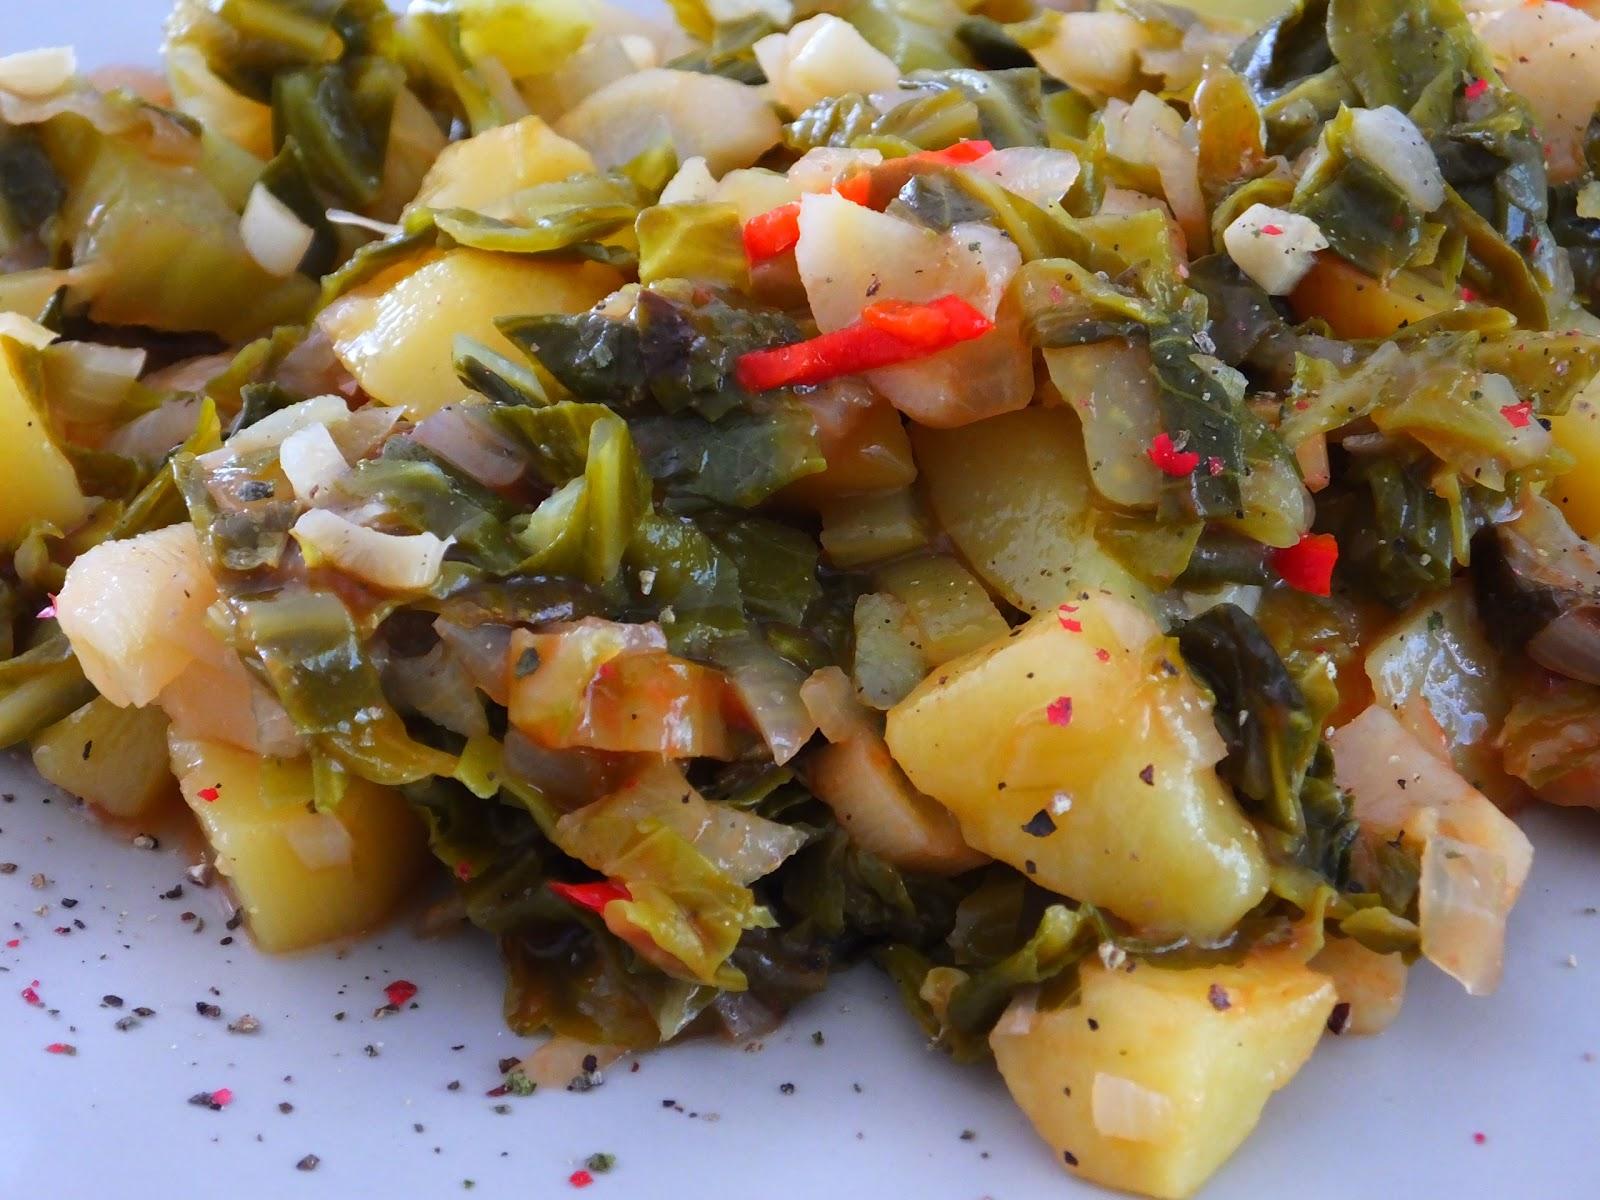 Potrawka z ziemniakami i młodą kapustą